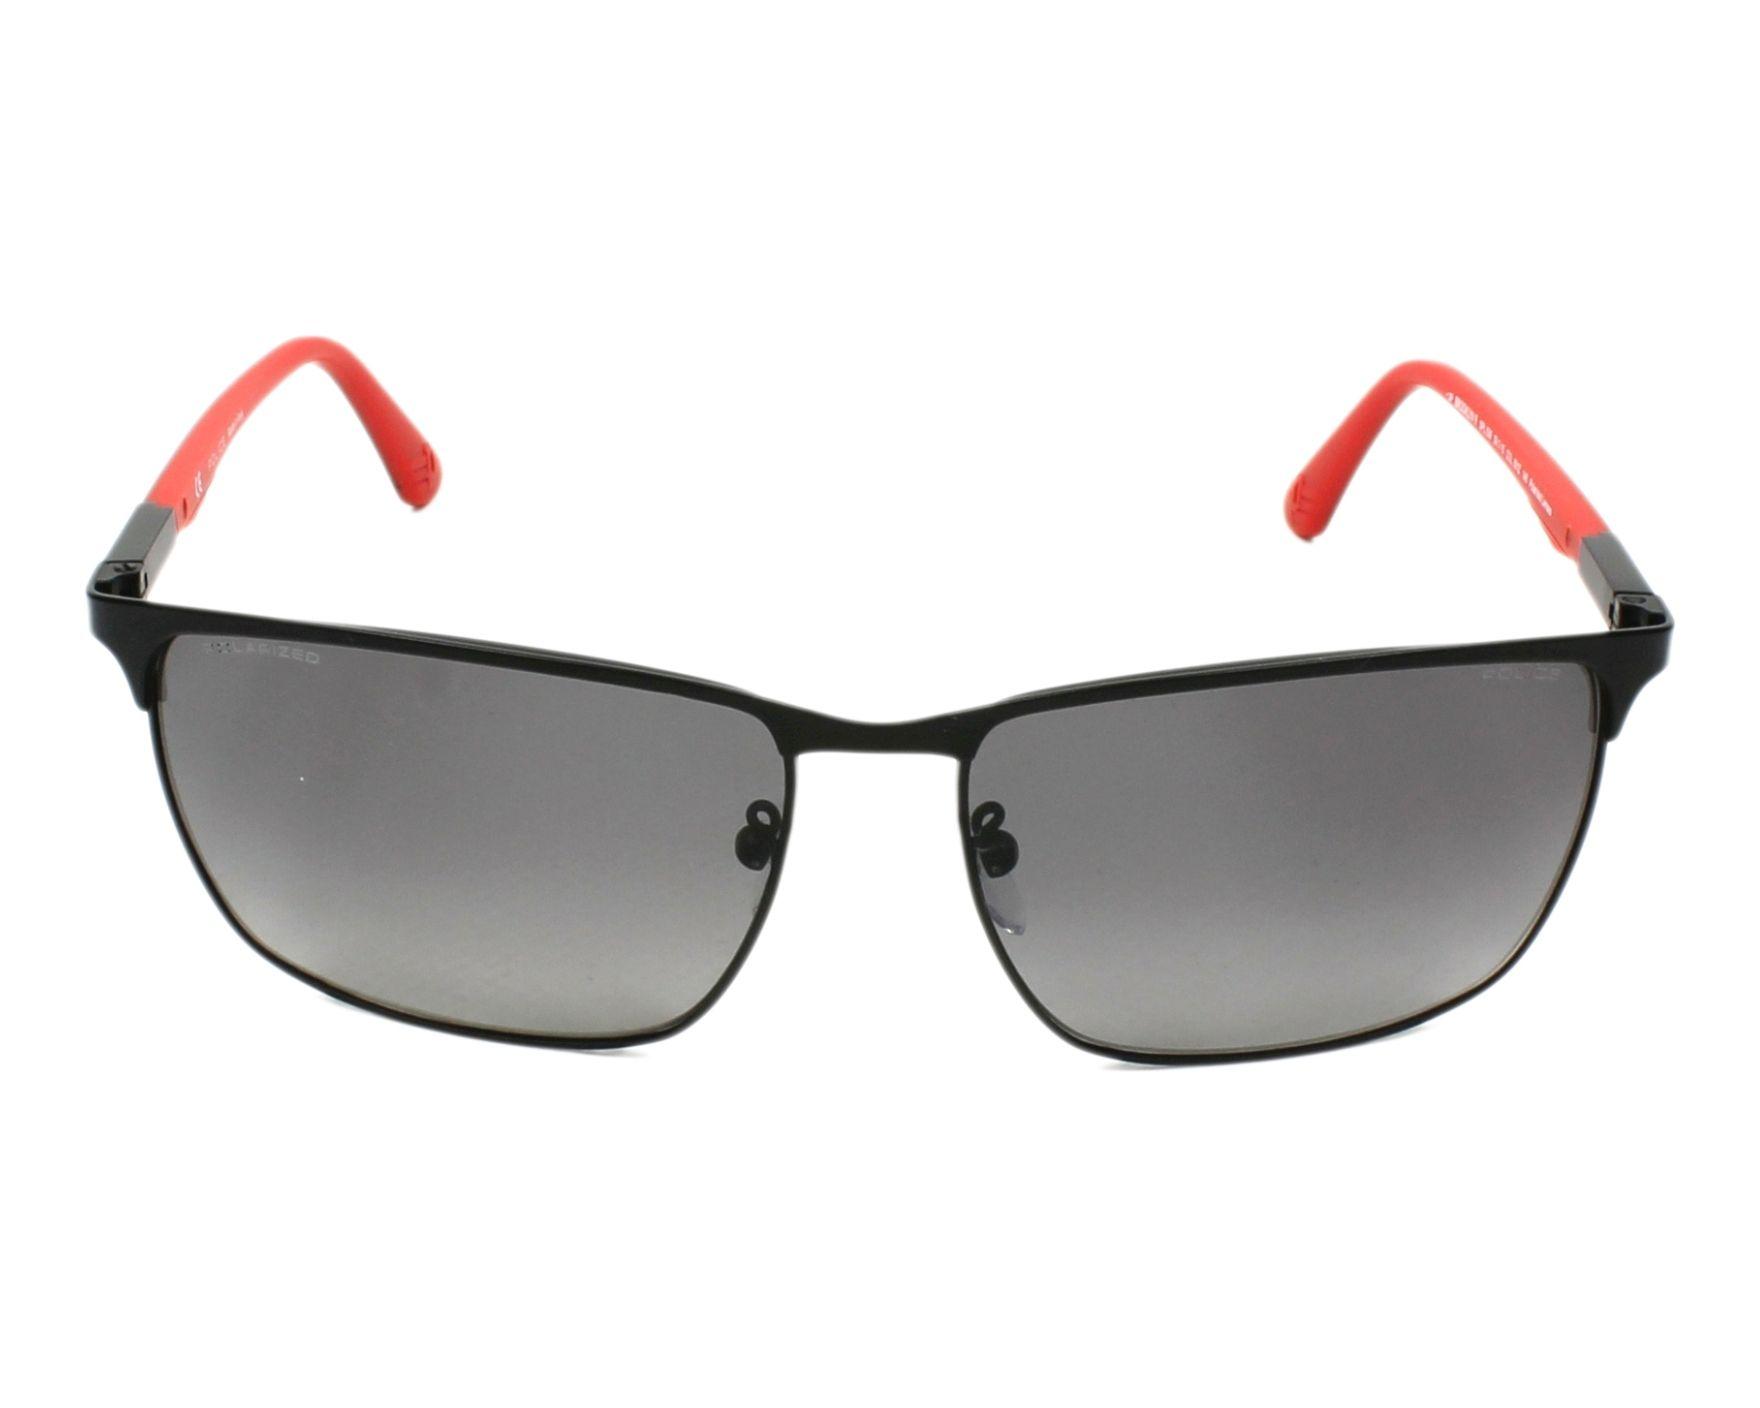 lunettes de soleil police spl 539 531z noir avec des verres gris pour hommes. Black Bedroom Furniture Sets. Home Design Ideas